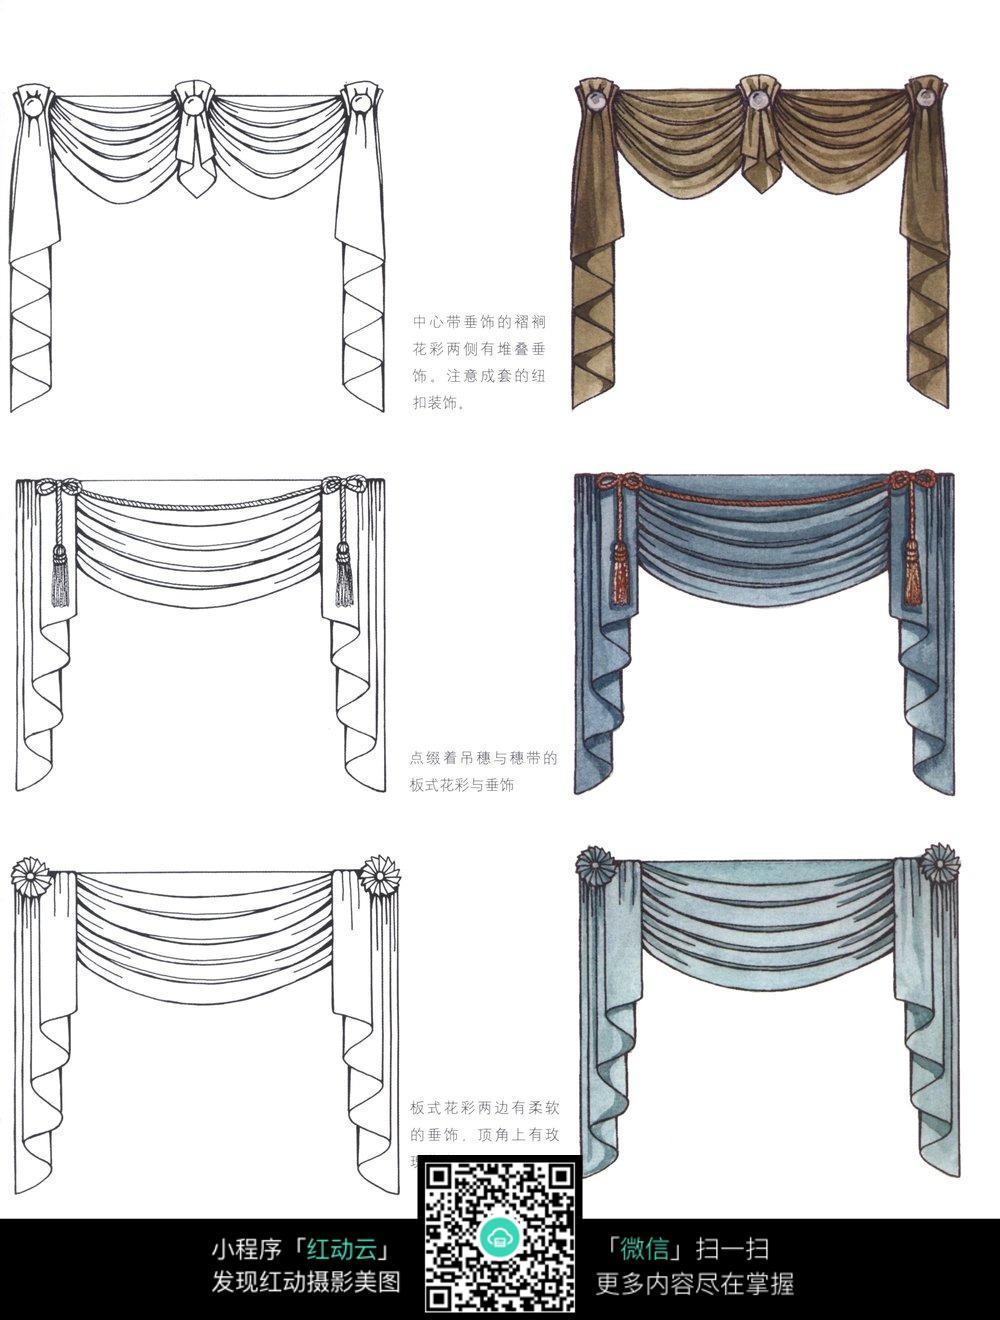 窗帘吊穗手绘图图片免费下载